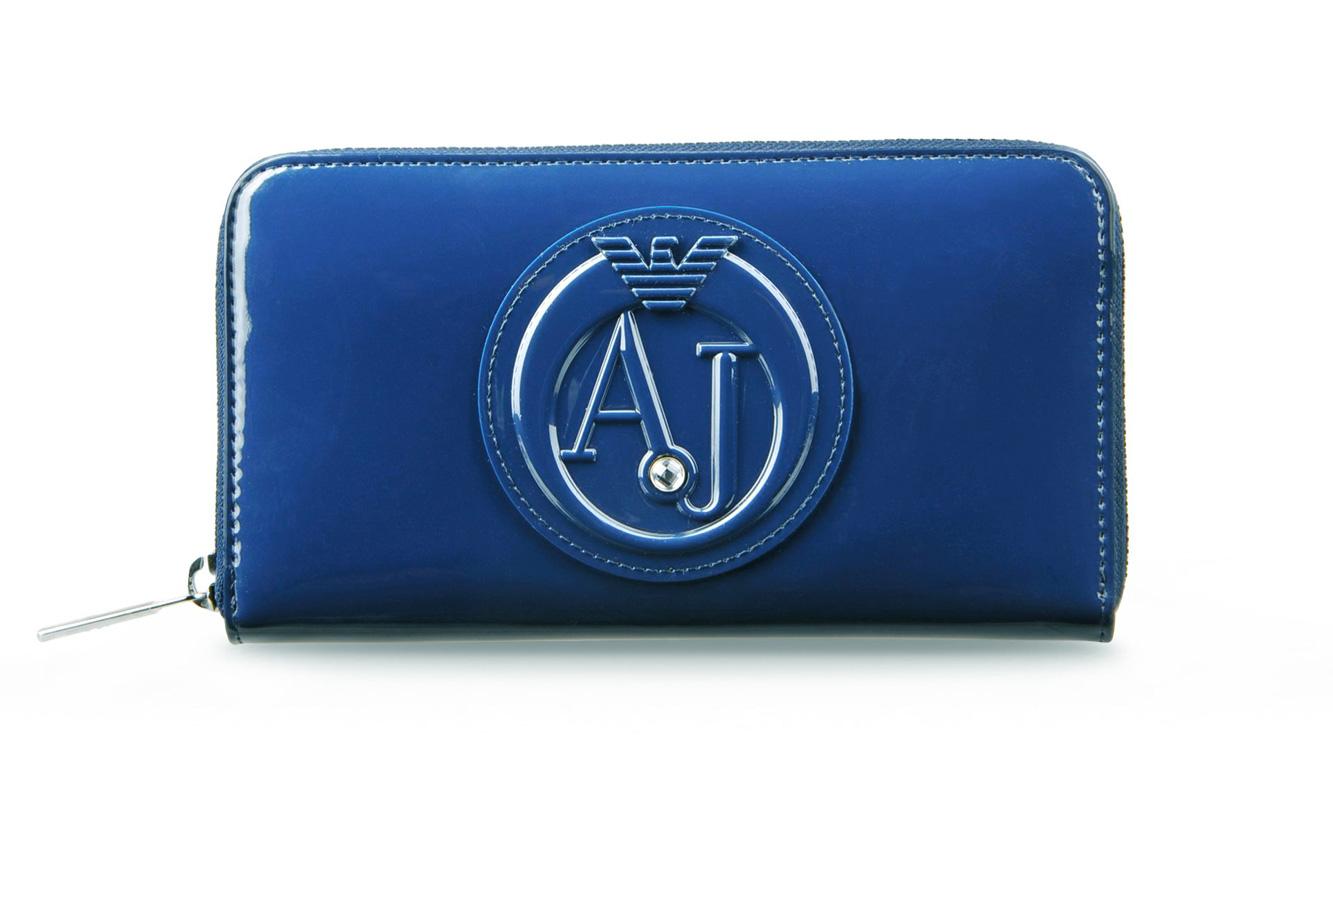 a4ab4cc2d6 AJ - Armani Jeans PORTAFOGLIO ZIP AROUND IN ECO VERNICE CON LOGO ...